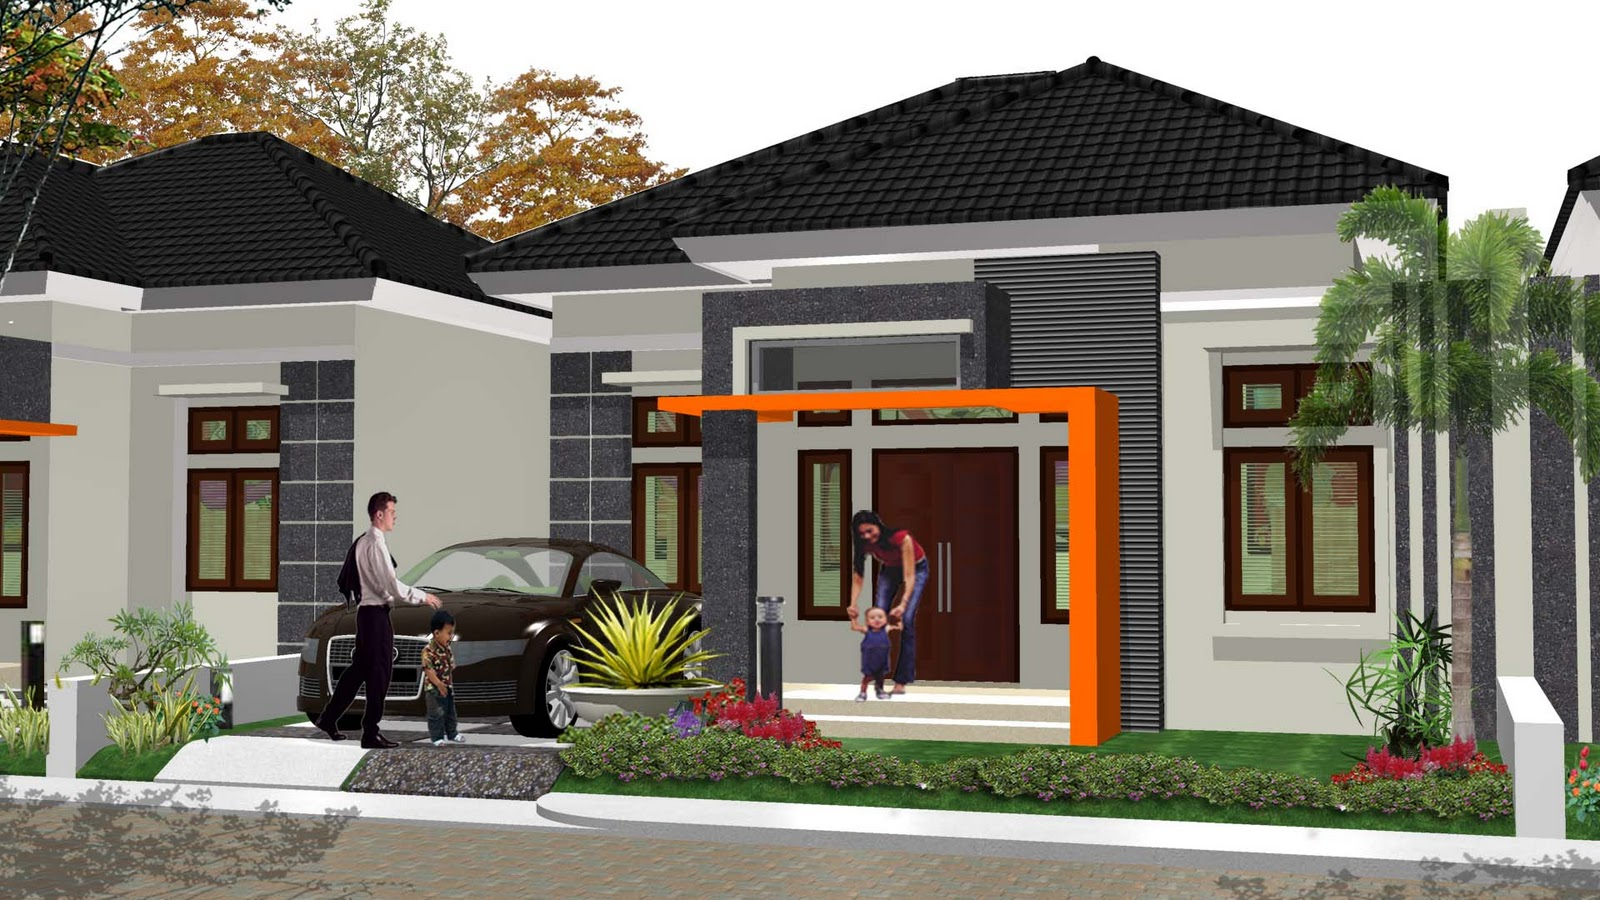 Gambar Desain Rumah Minimalis Mewah Lantai 1 Terbaru